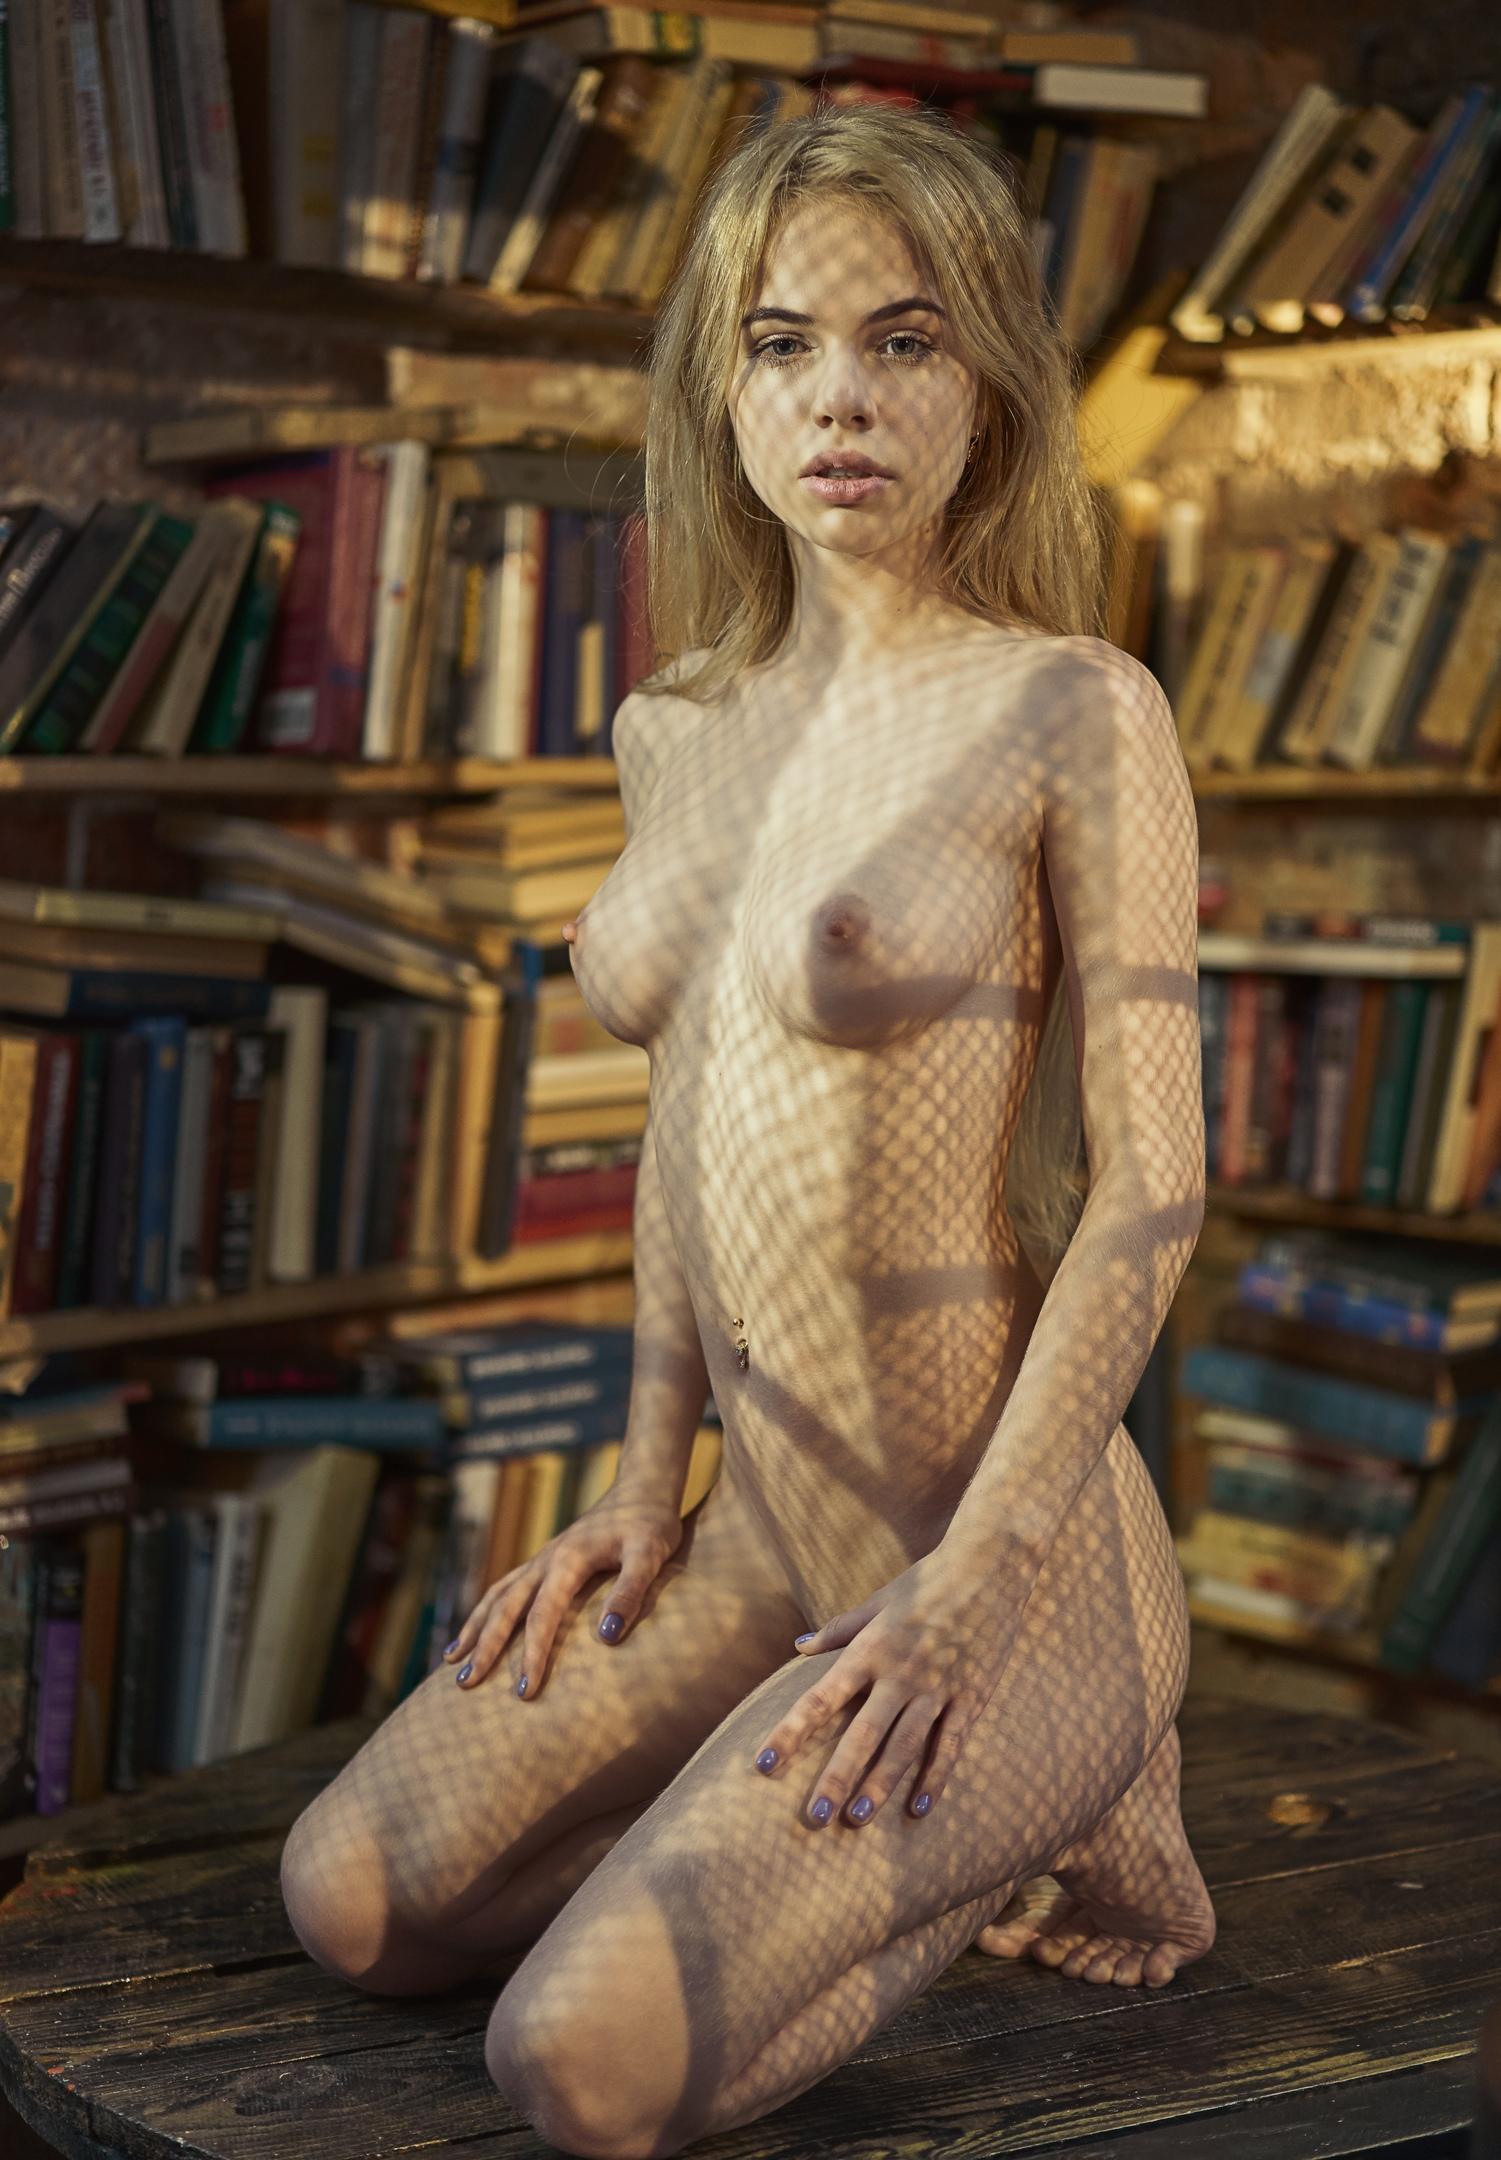 Alexandra Smelova by Vladimir Stefanovich